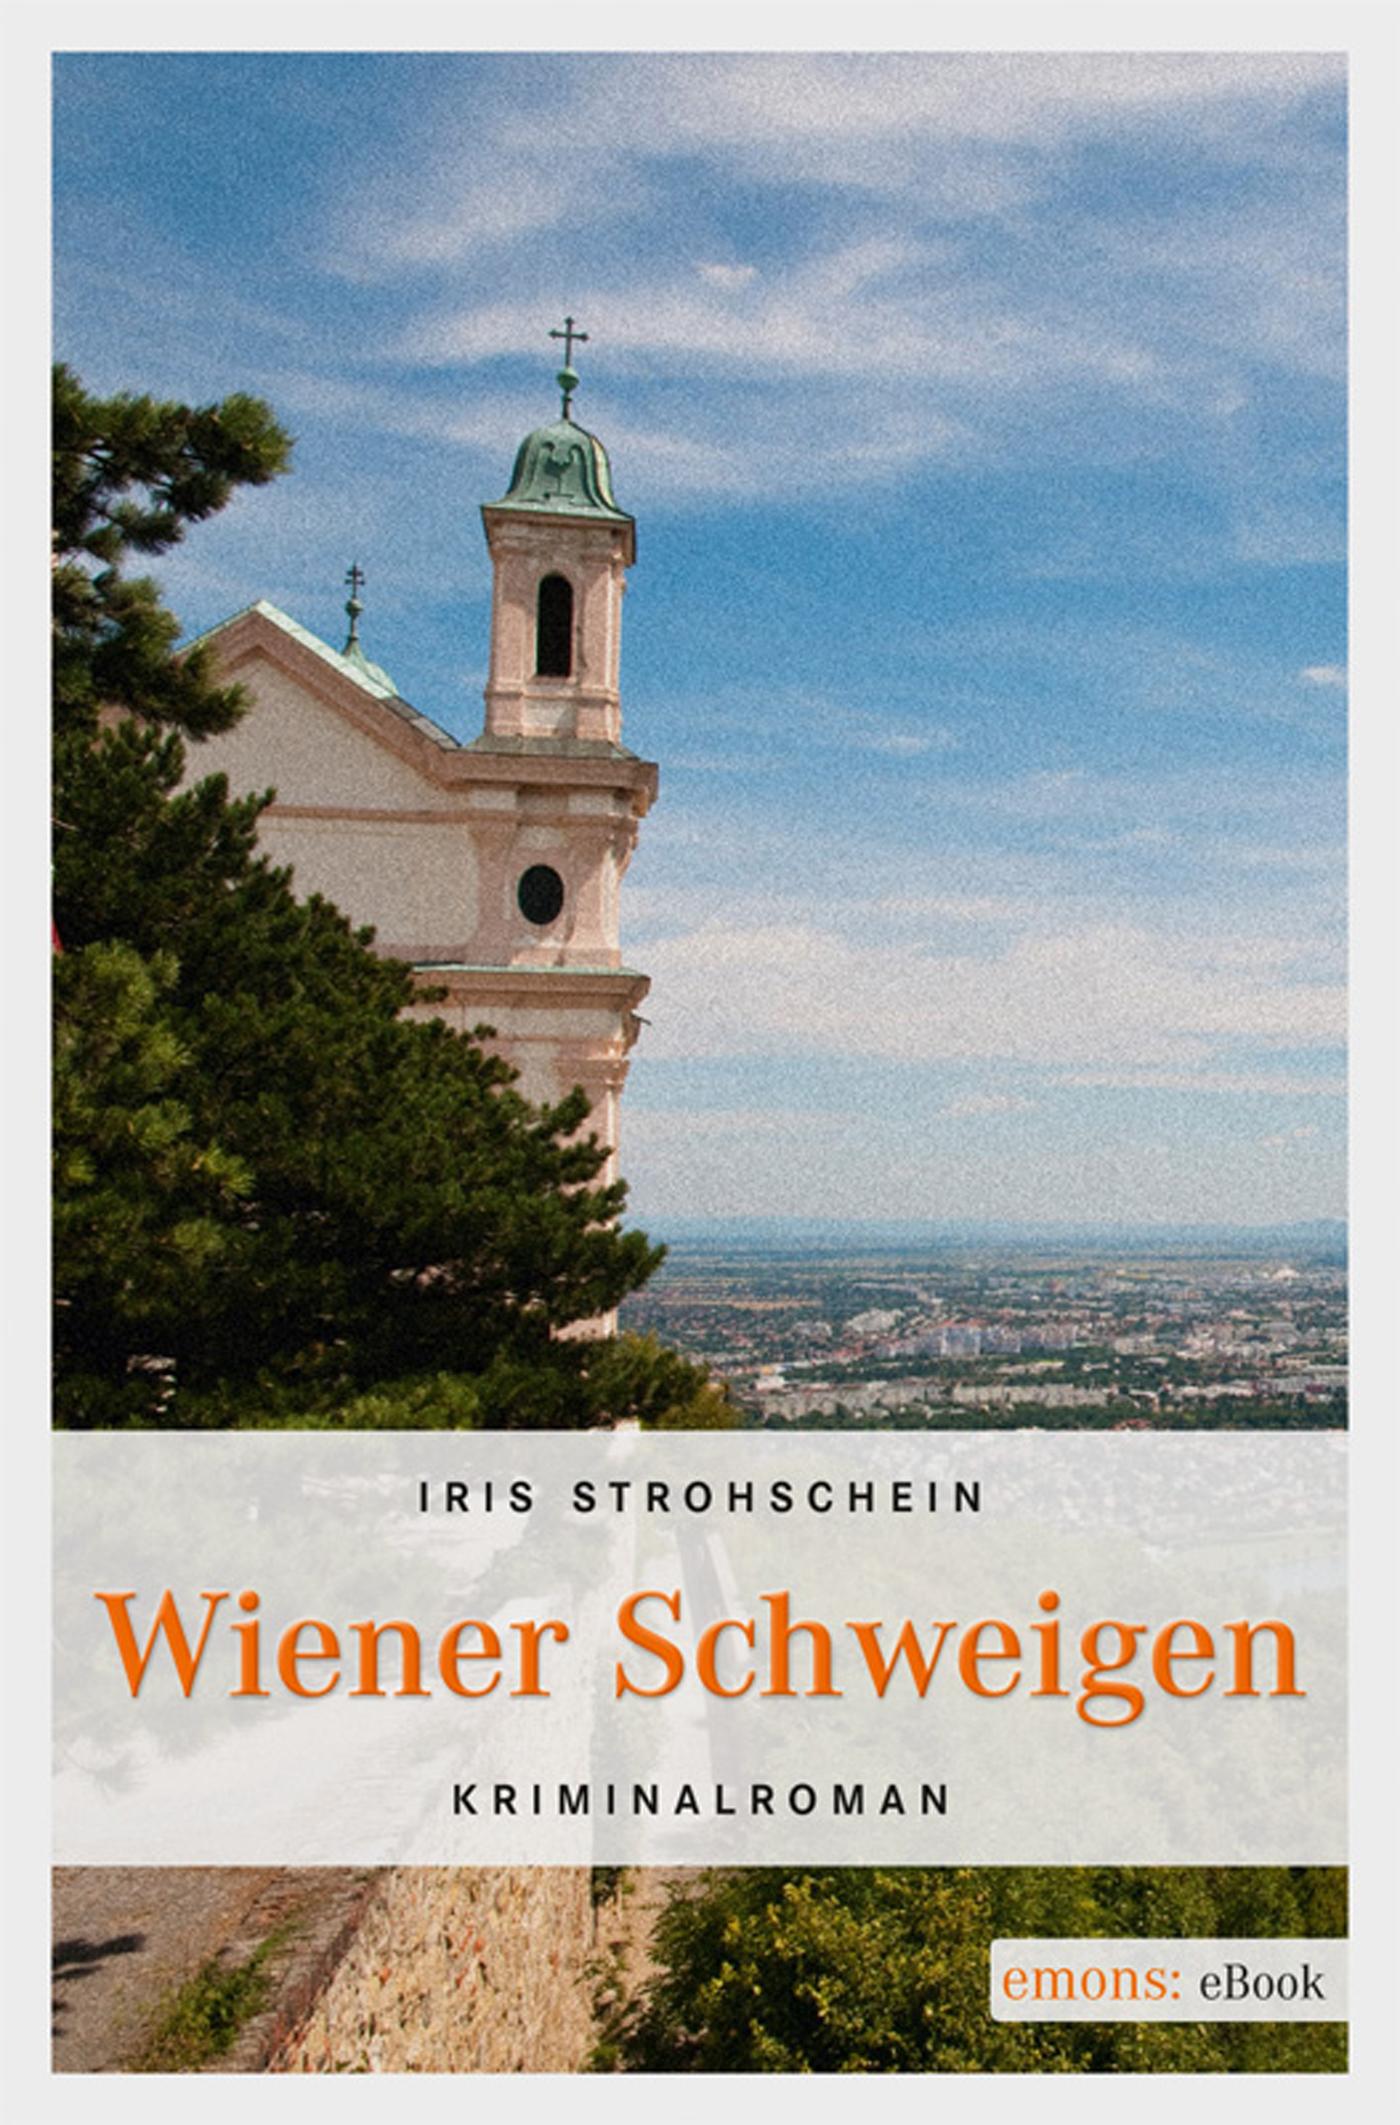 Iris Strohschein Wiener Schweigen